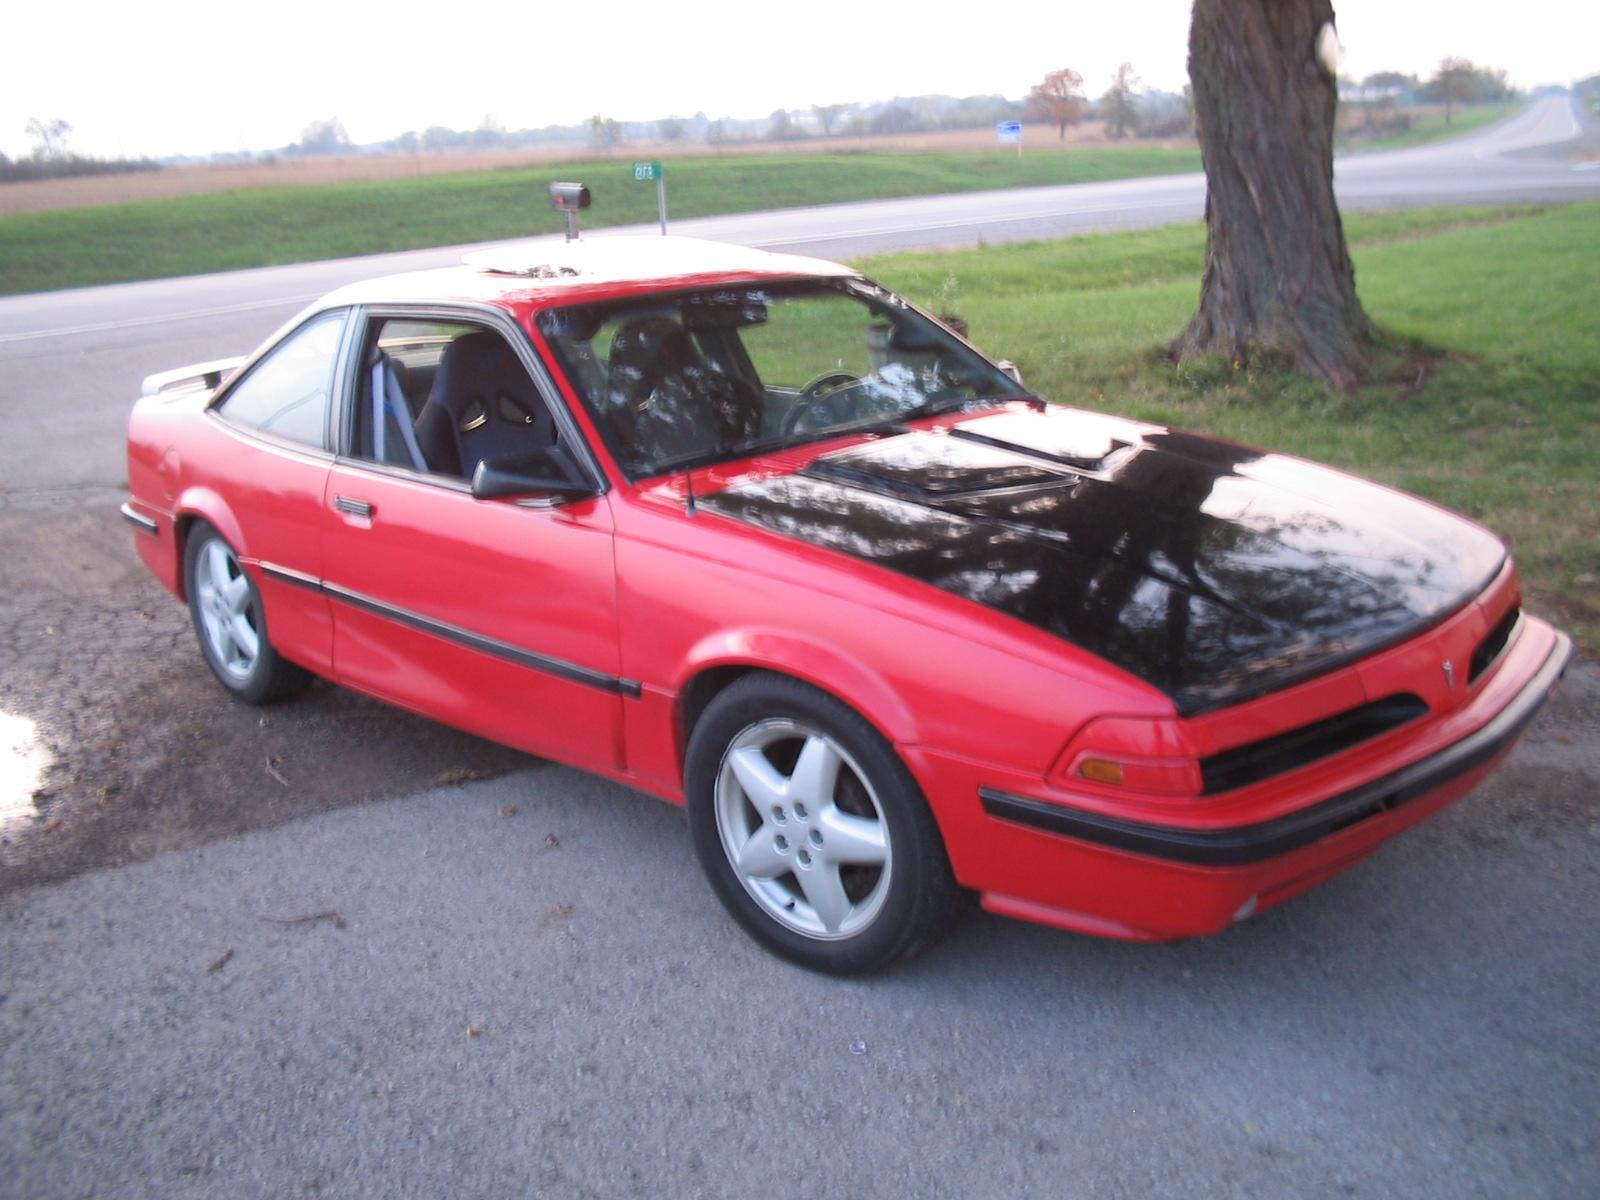 1990 Pontiac Sunbird Image 6